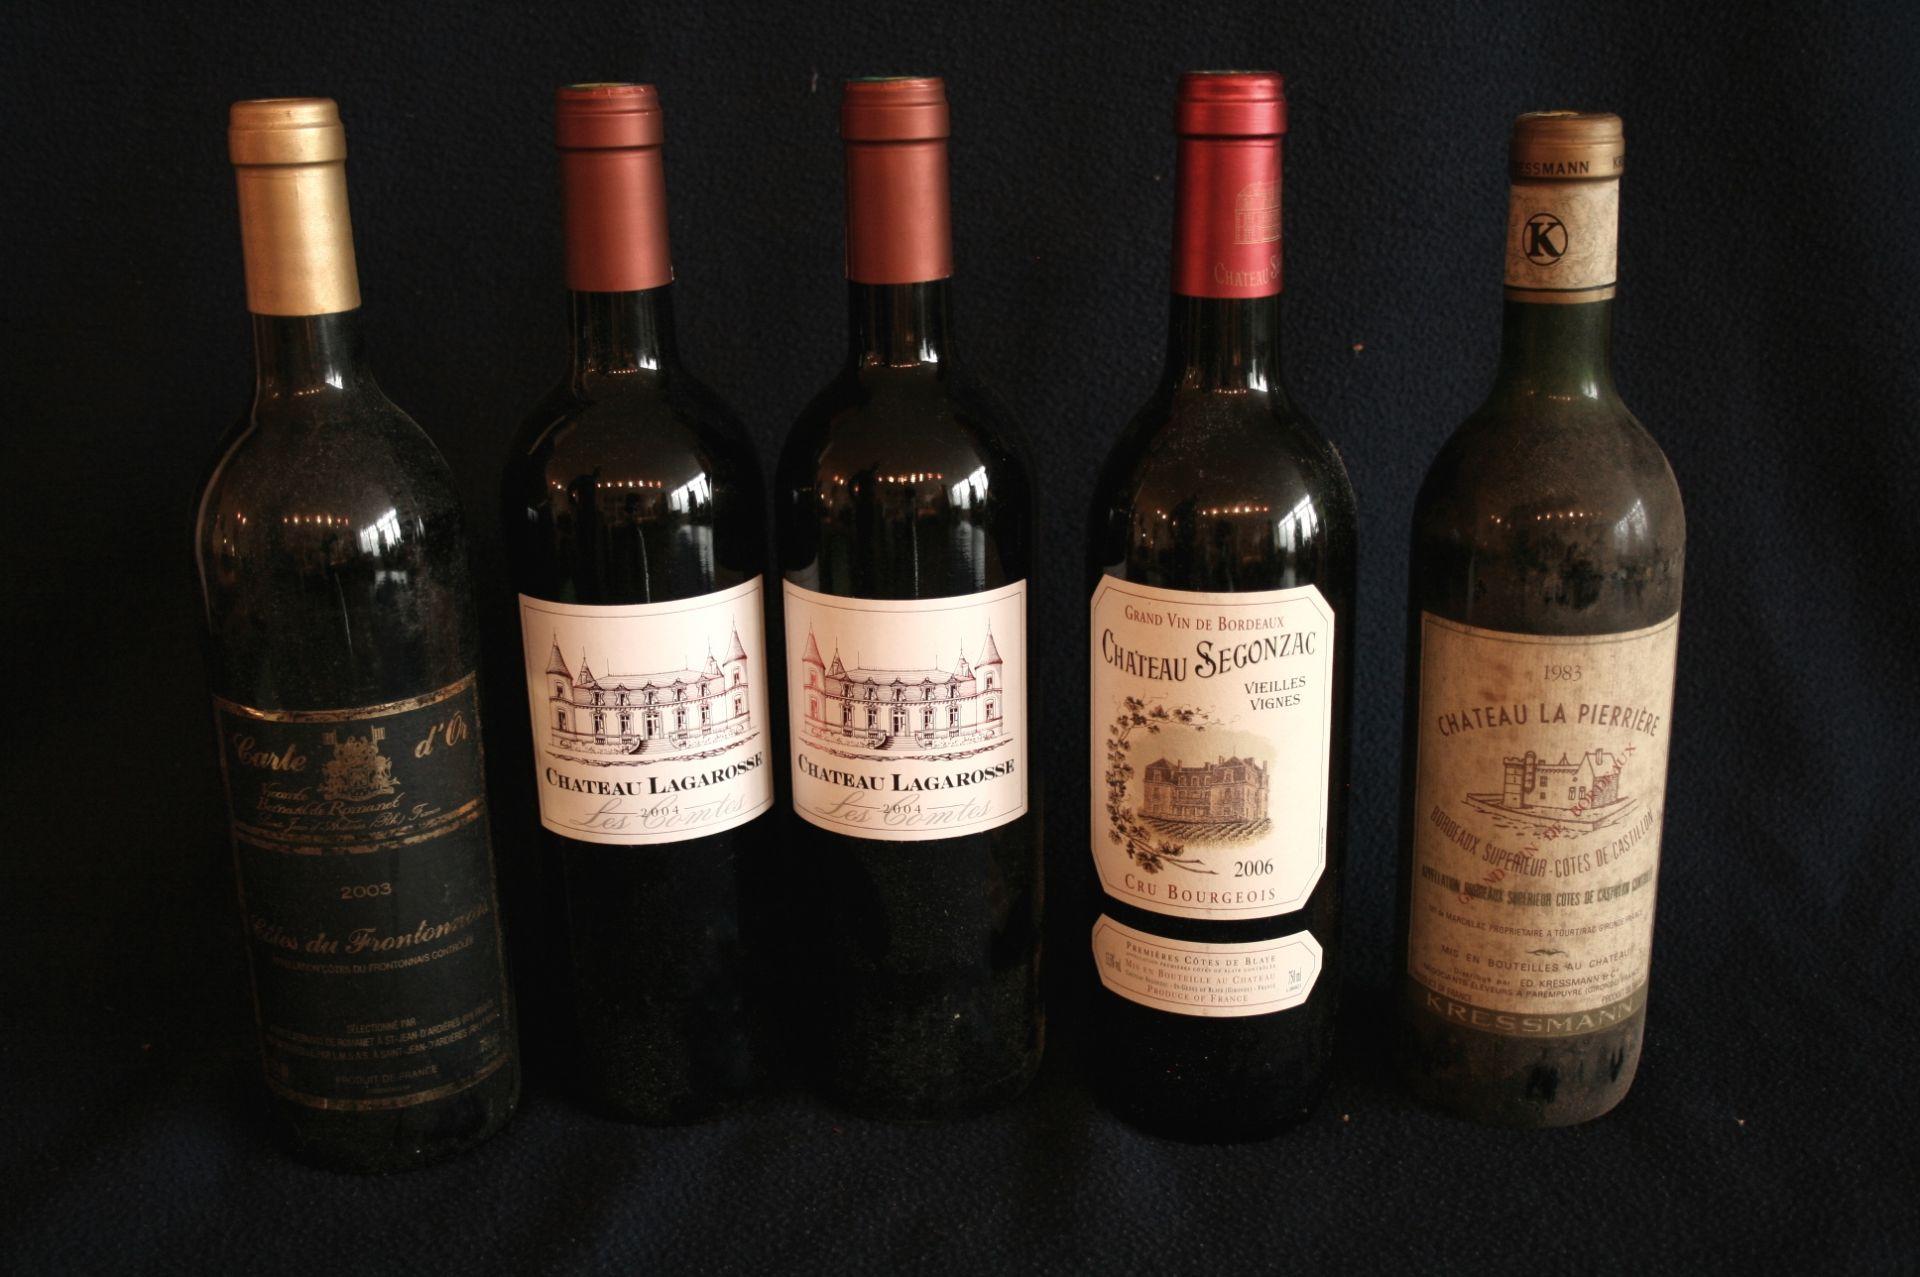 Los 41 - 2 bouteilles de 1ères Côtes de BORDEAUX, Château Lagarosse, 2004, rouge + Côtes [...]